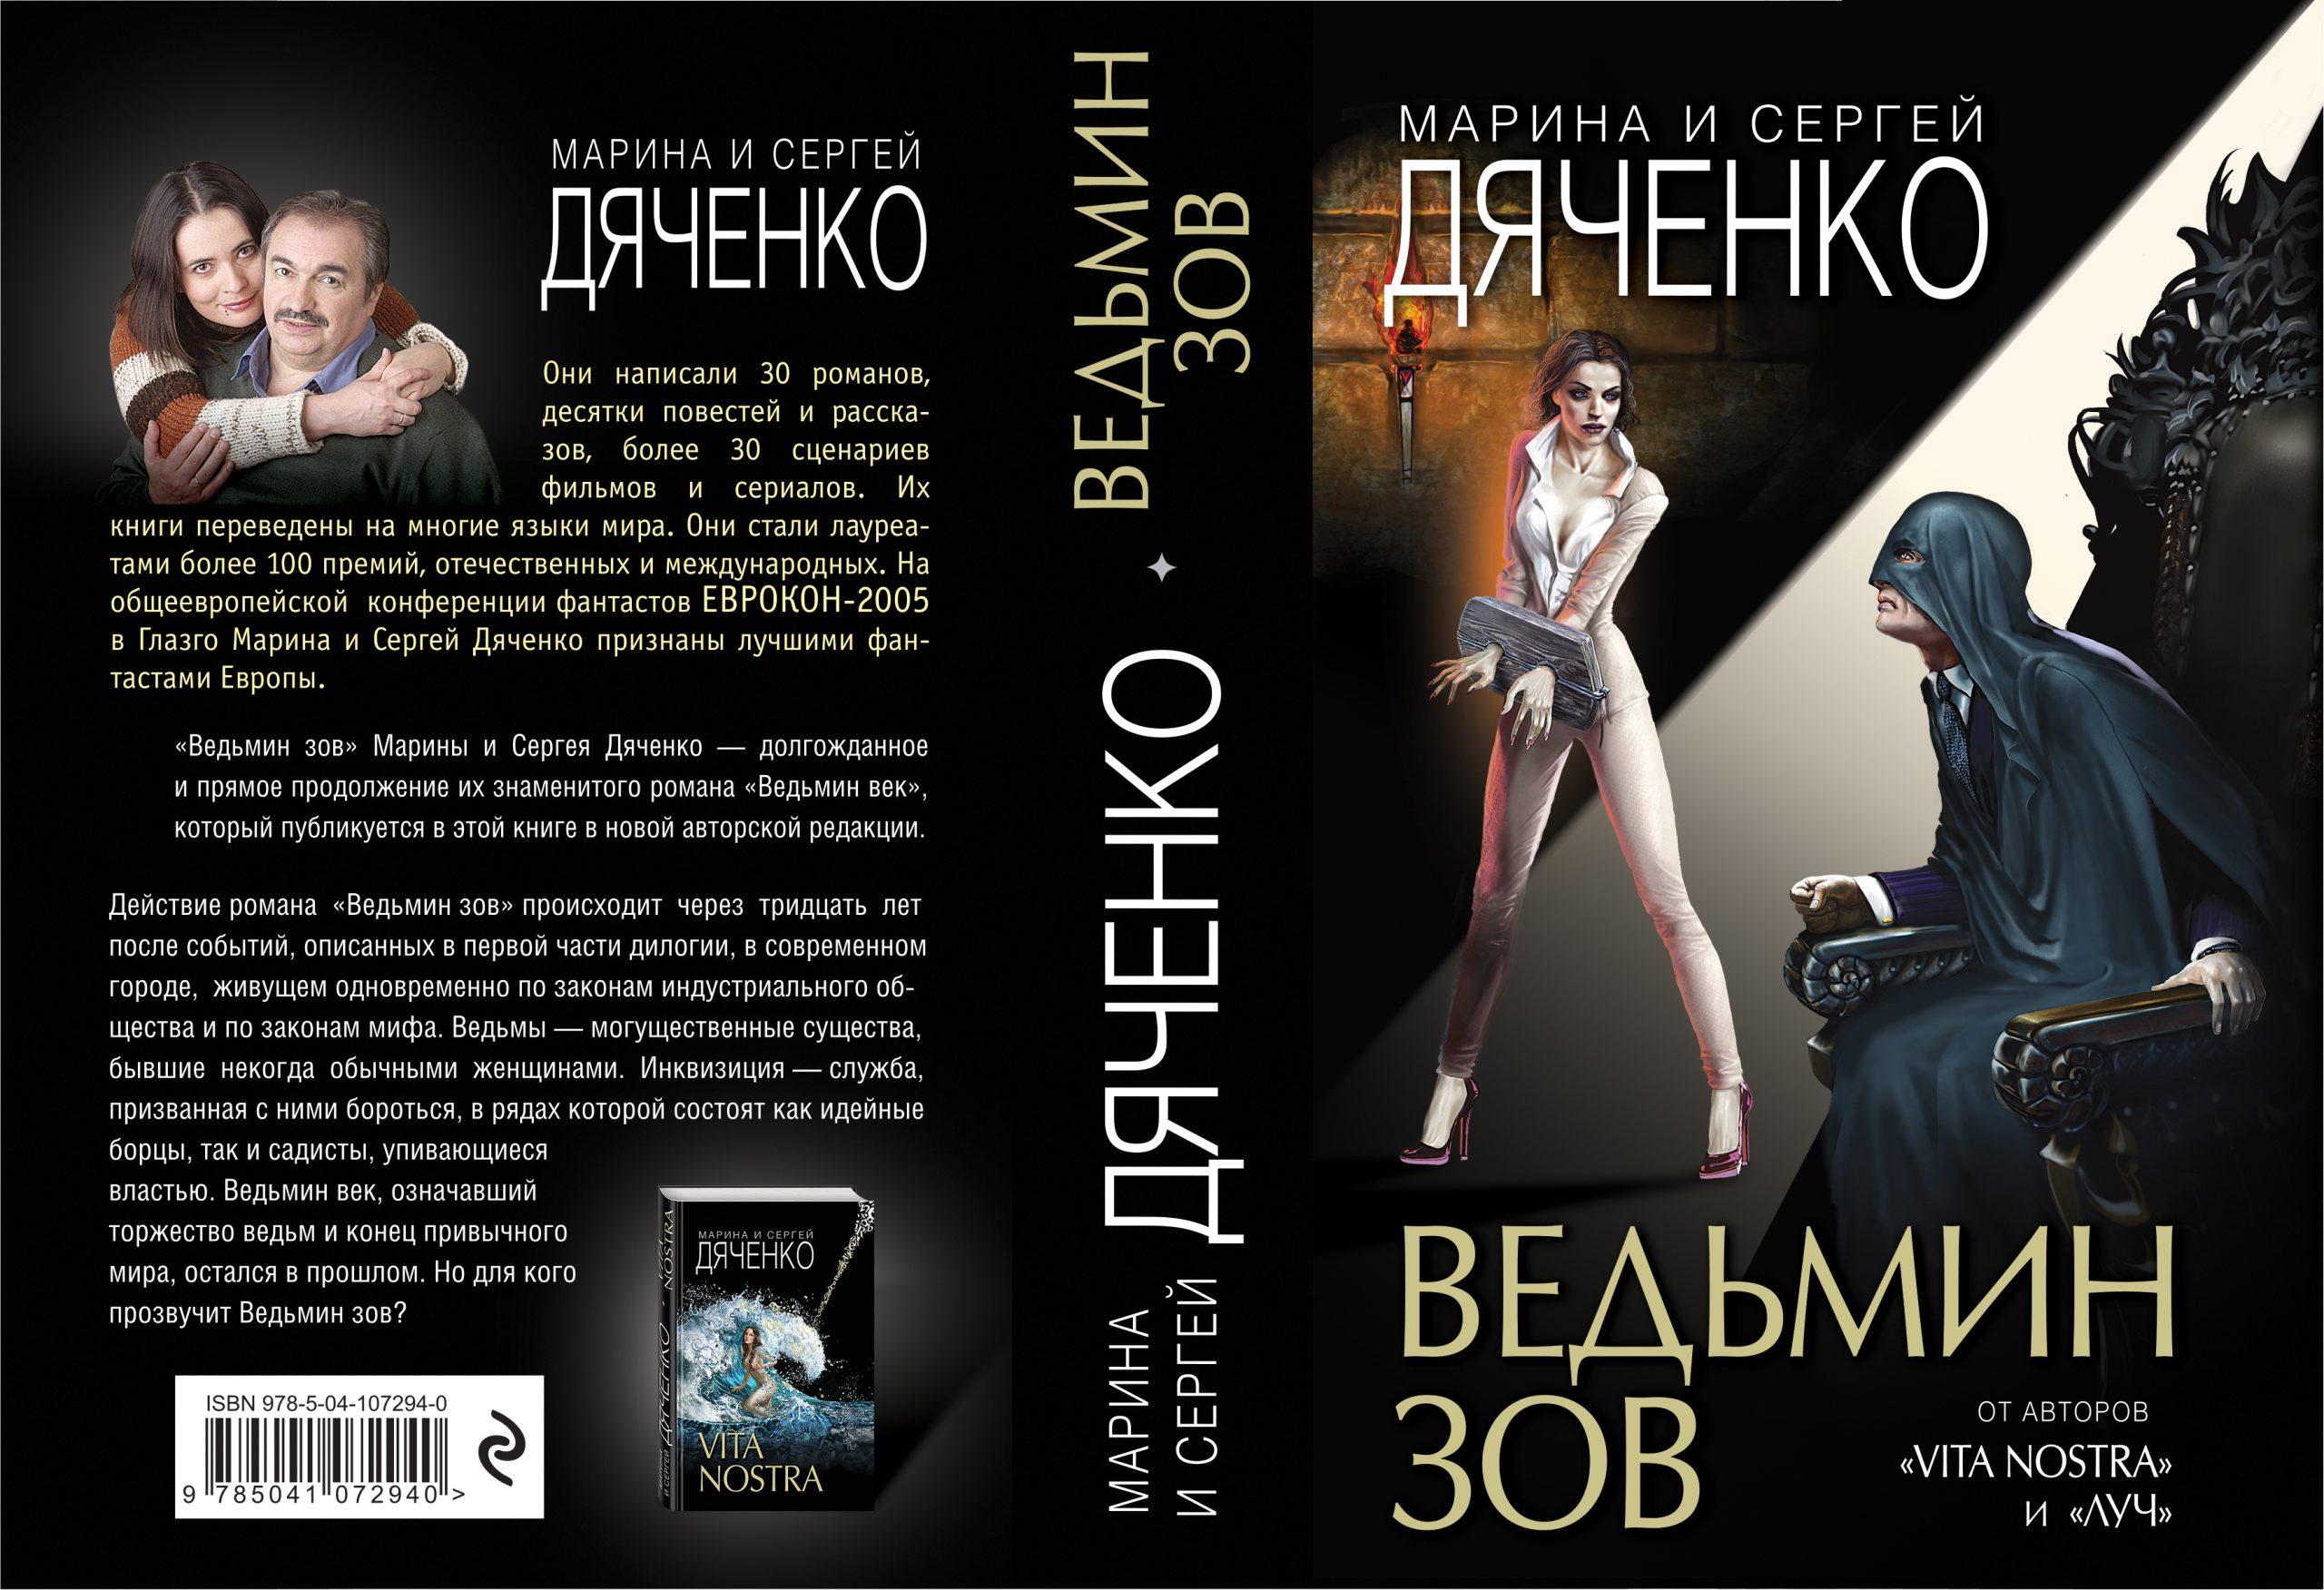 Что почитать: продолжение романа «Ведьмин век» Дяченко и жуткое городское фэнтези 1